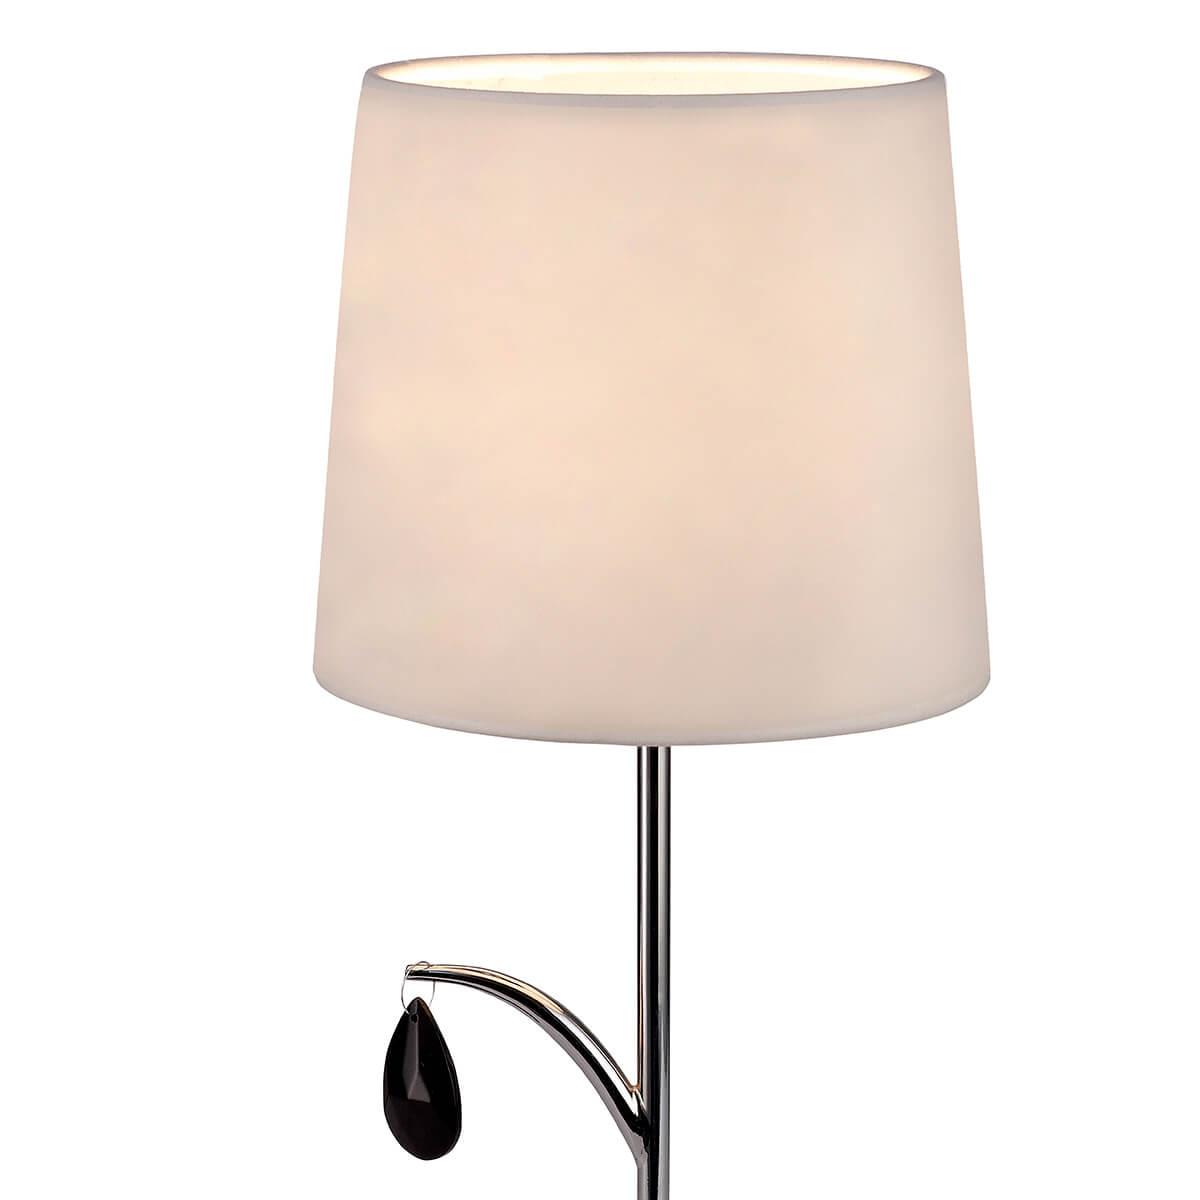 Дополнительное фото 1 товара Настольная лампа декоративная Mantra Andrea Cromo 6319